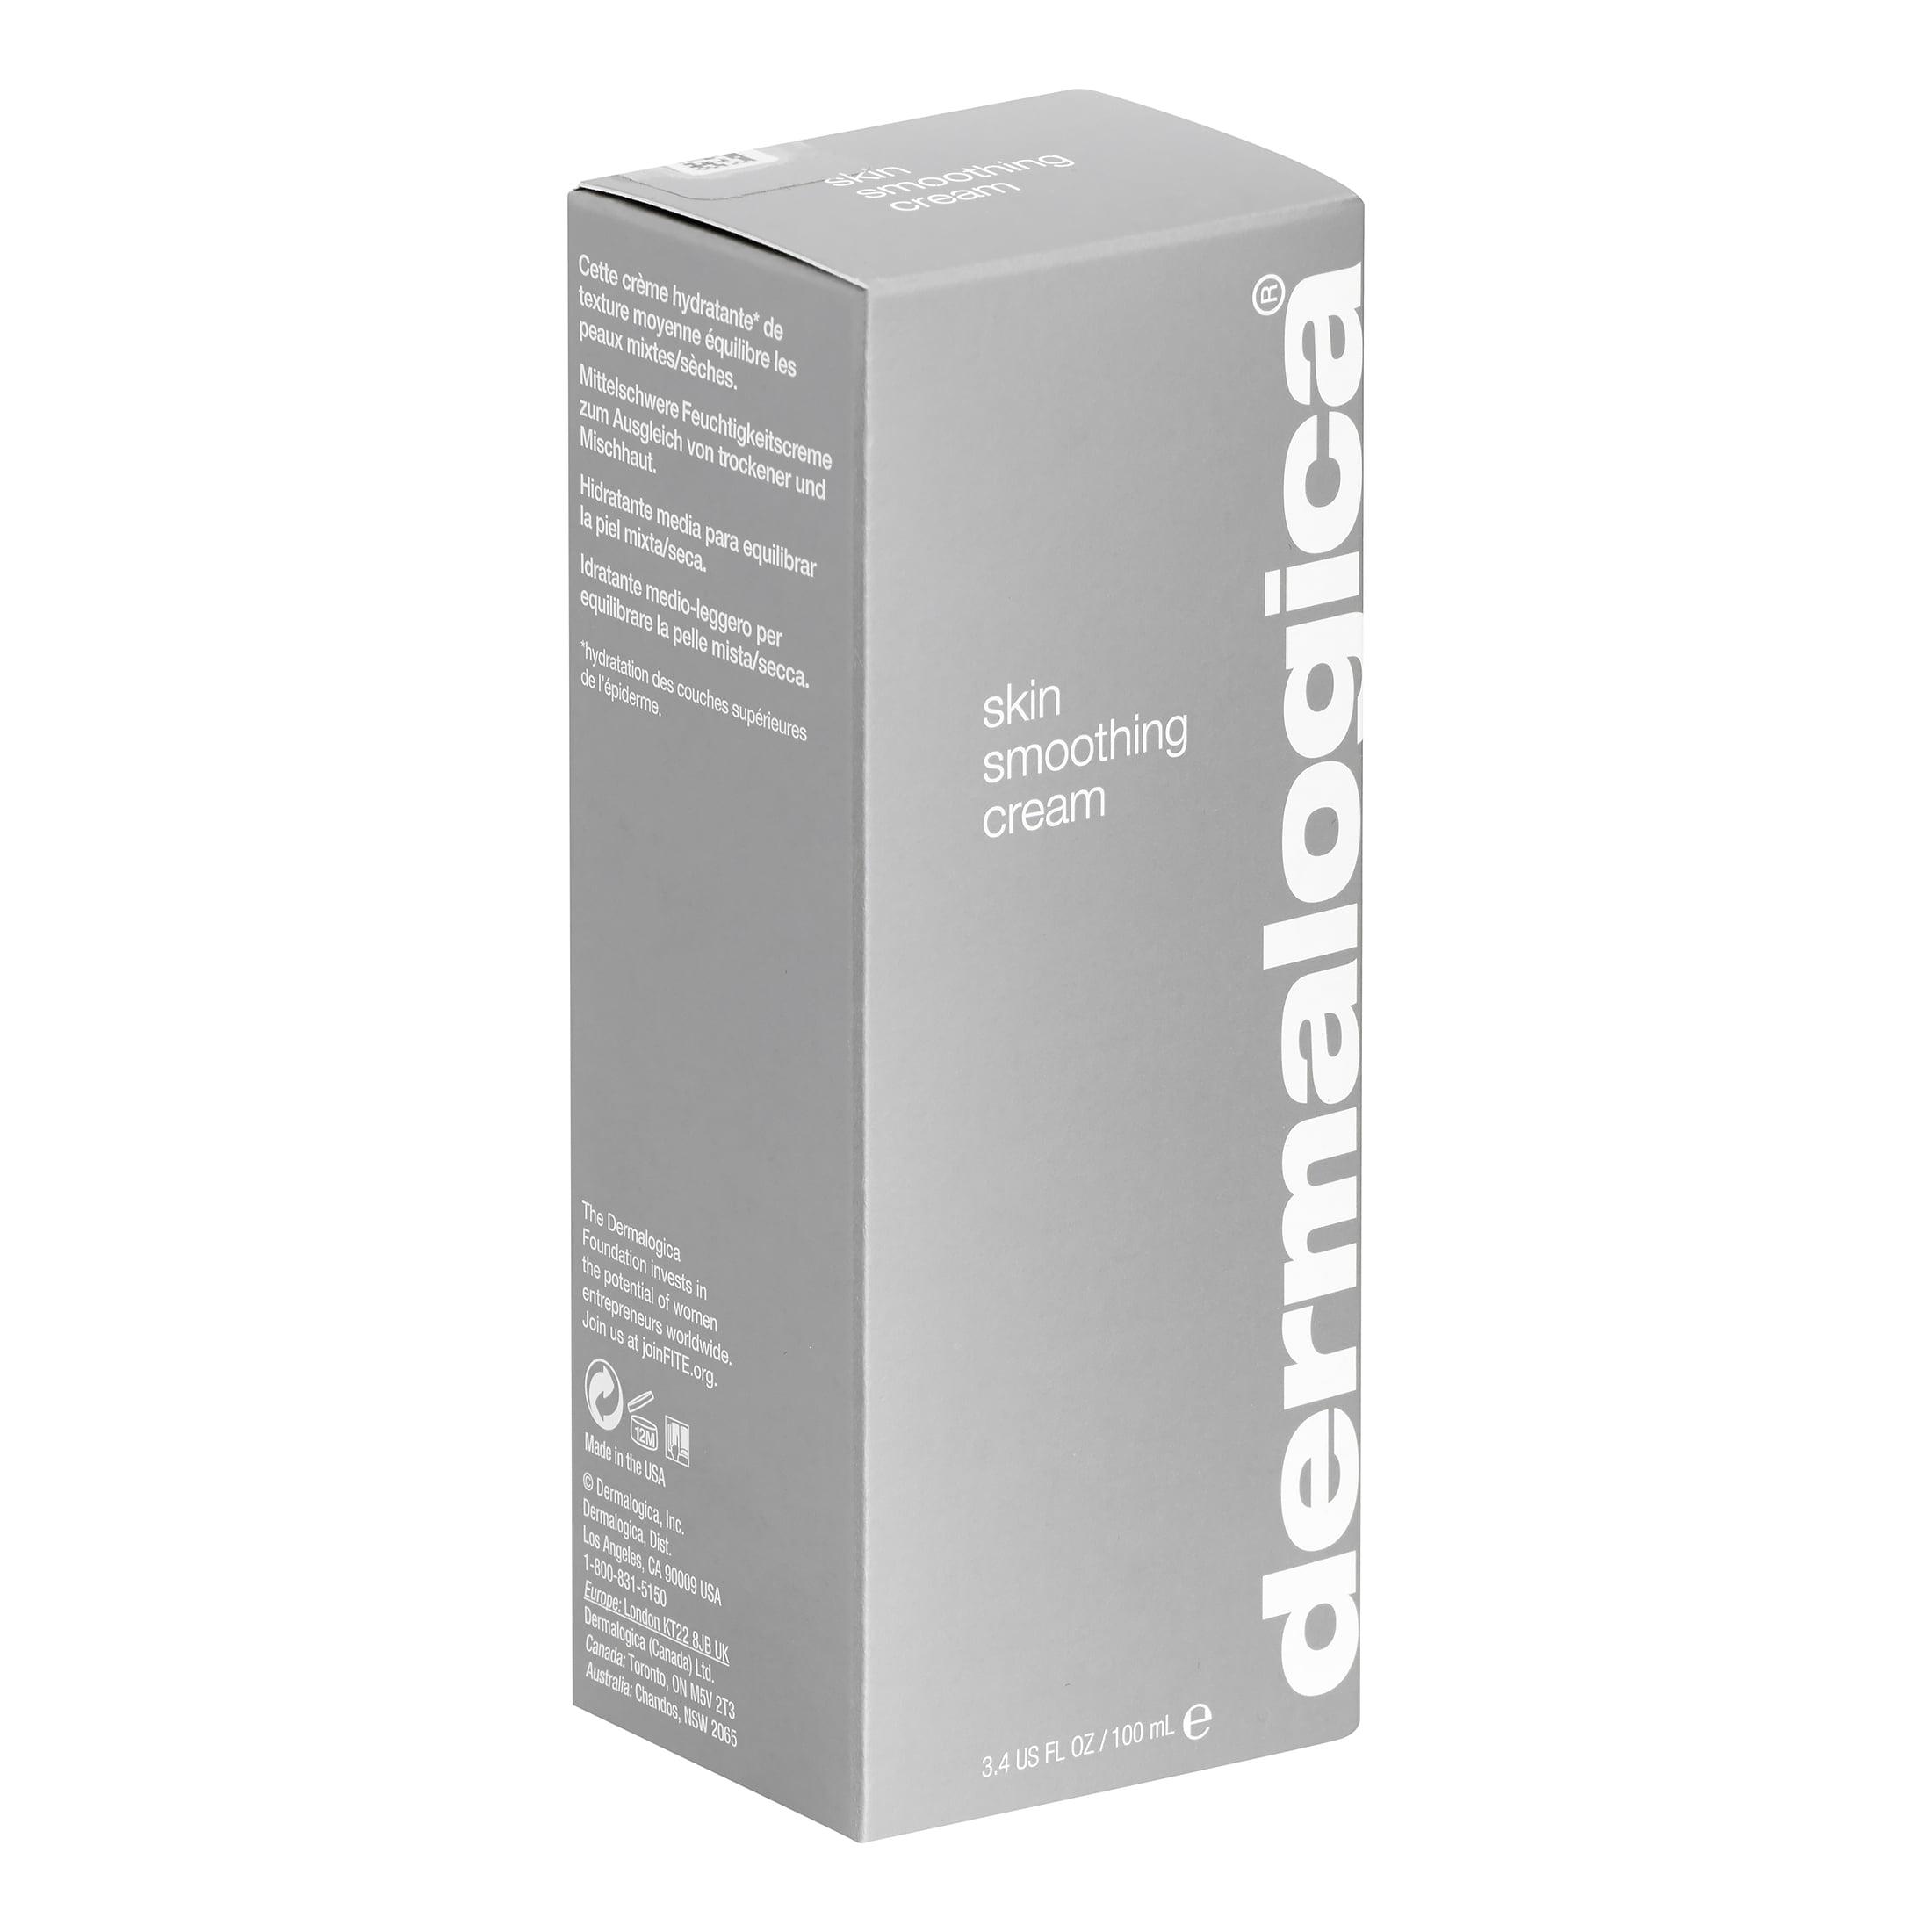 skin smoothing cream från dermalogica